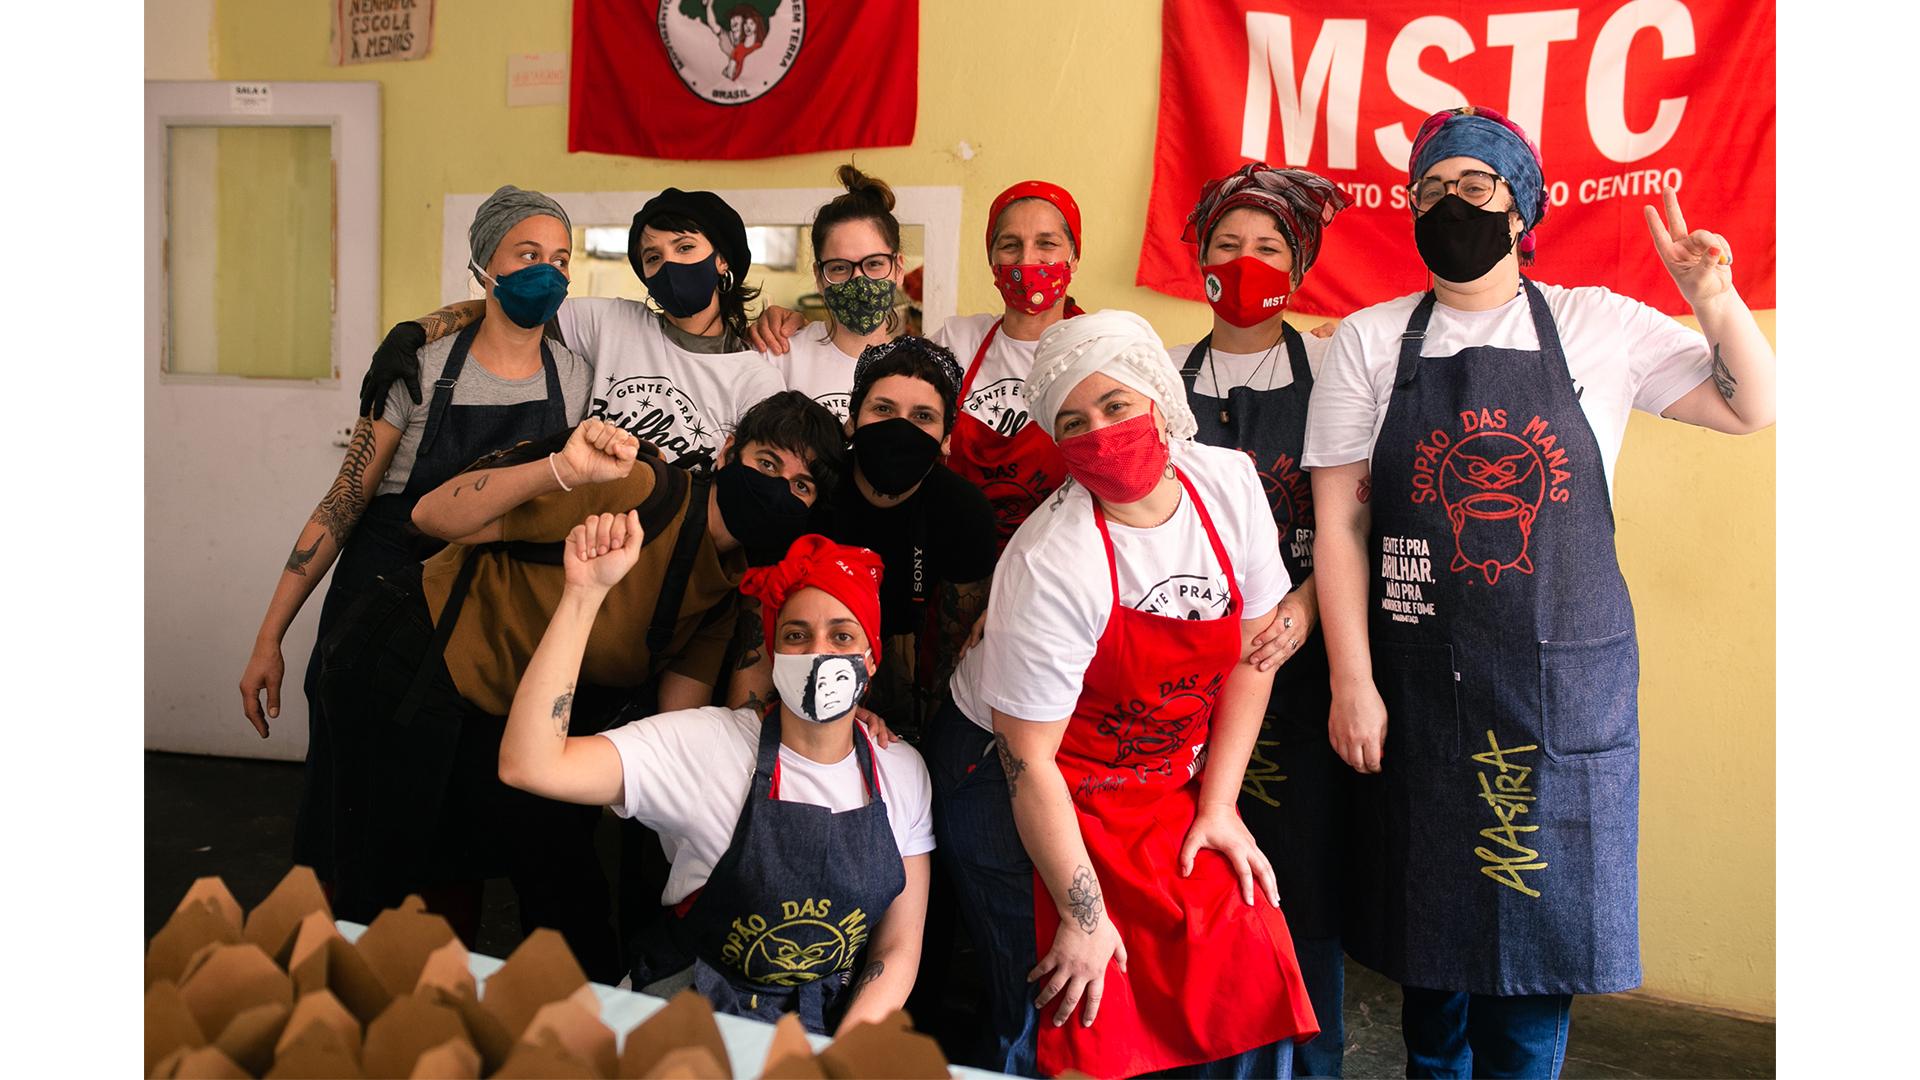 Cozinheiras do Sopão das Manas: o grupo acaba de fechar parceria com a cozinha da Ocupação 9 de Julho e vai oferecer oficinas de capacitação para a população local